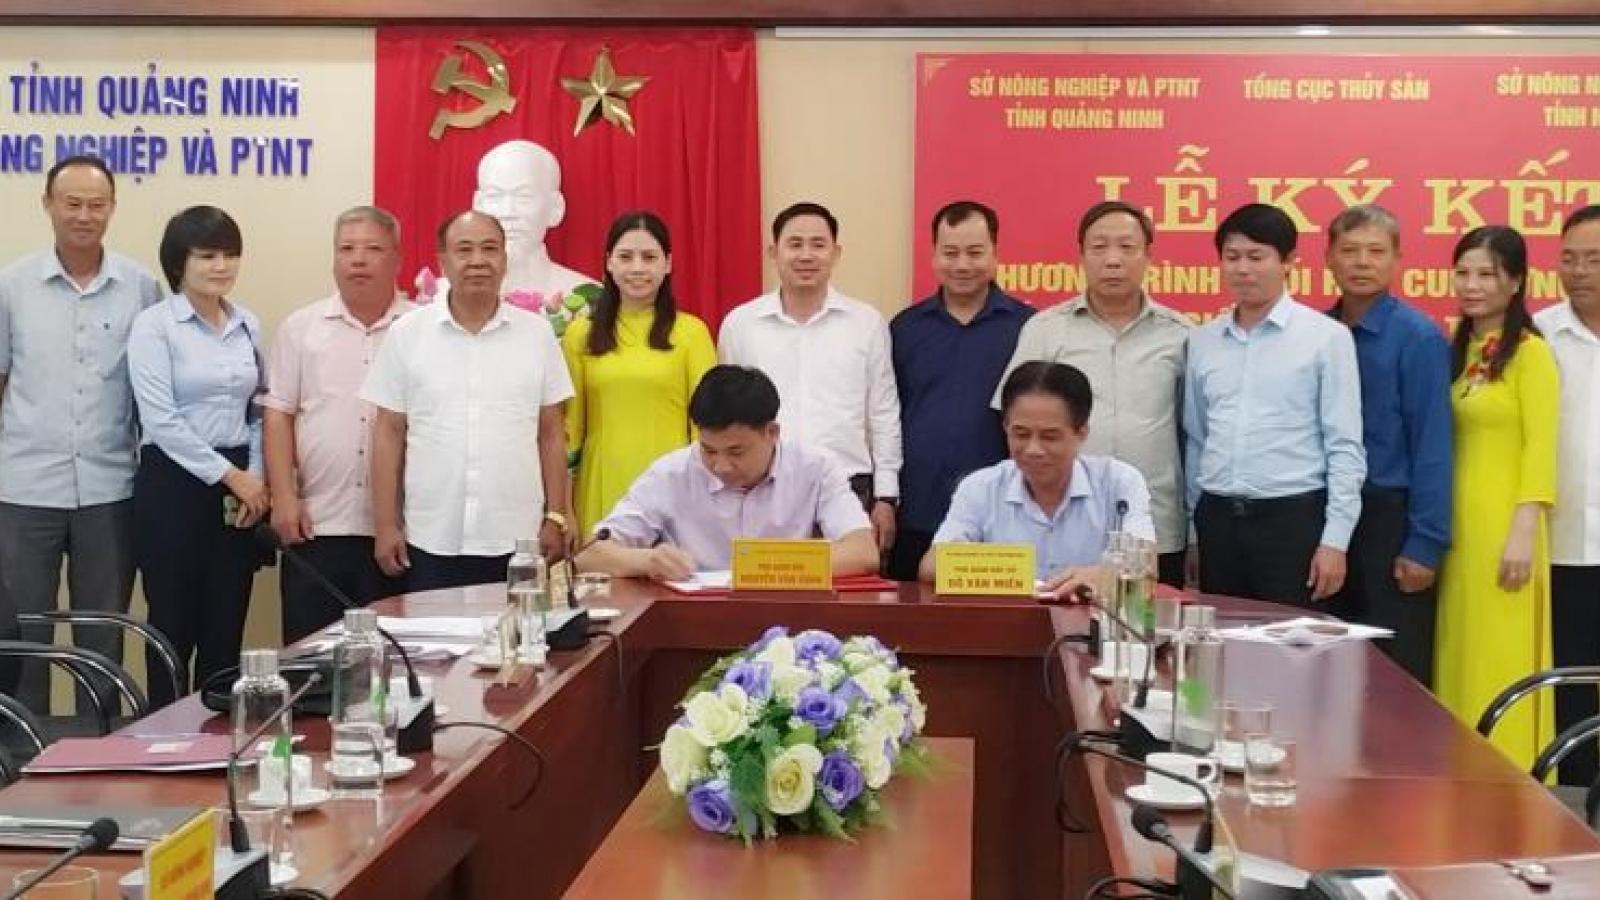 Quảng Ninh và Ninh Bình ký kết cung ứng, quản lý chất lượng giống thủy, hải sản